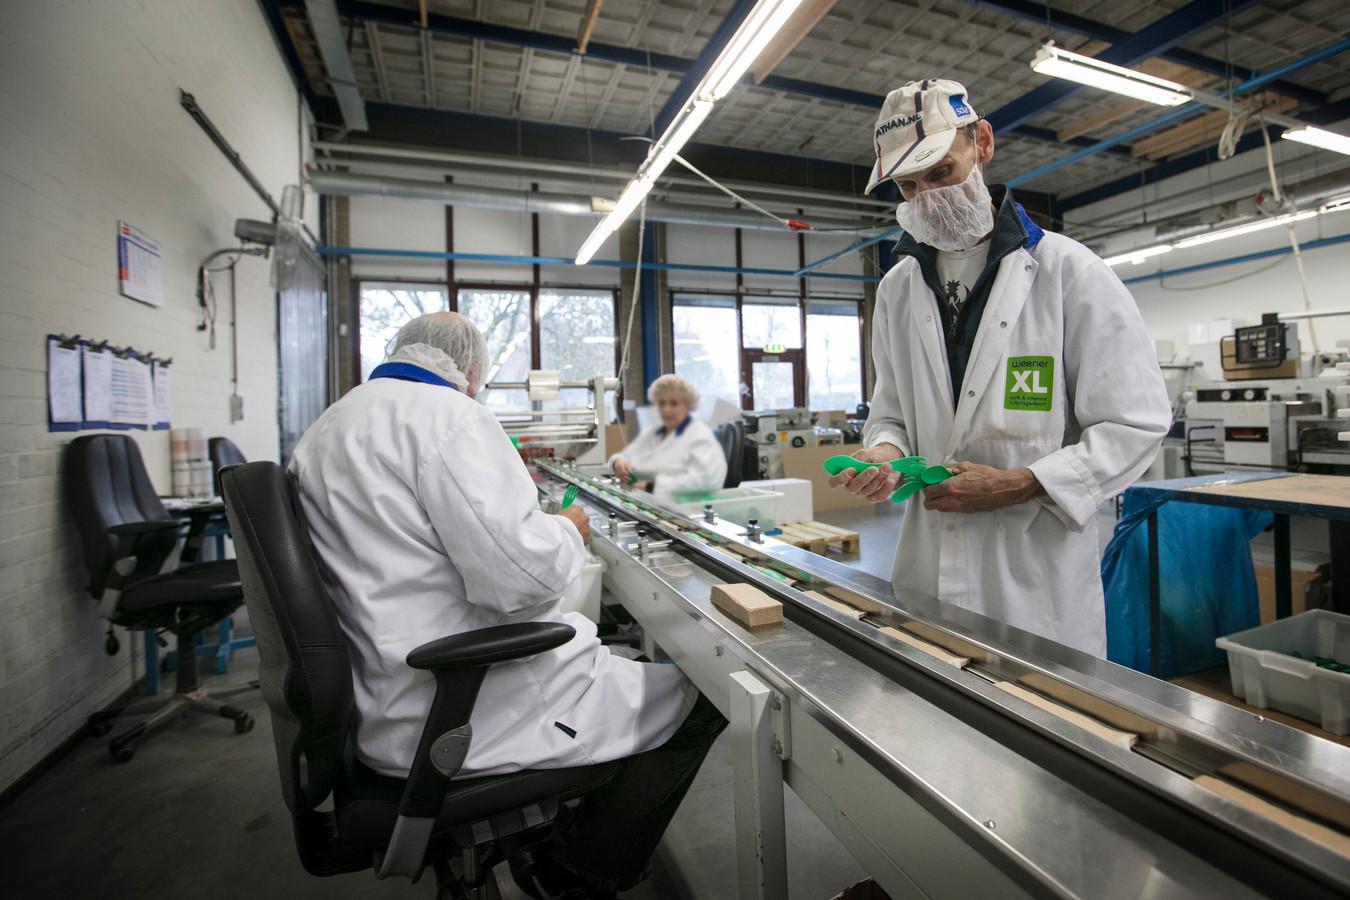 Indien mogelijk wil de gemeente Den Bosch zoeken naar passend werk voor mensen, bijvoorbeeld bij Weener XL